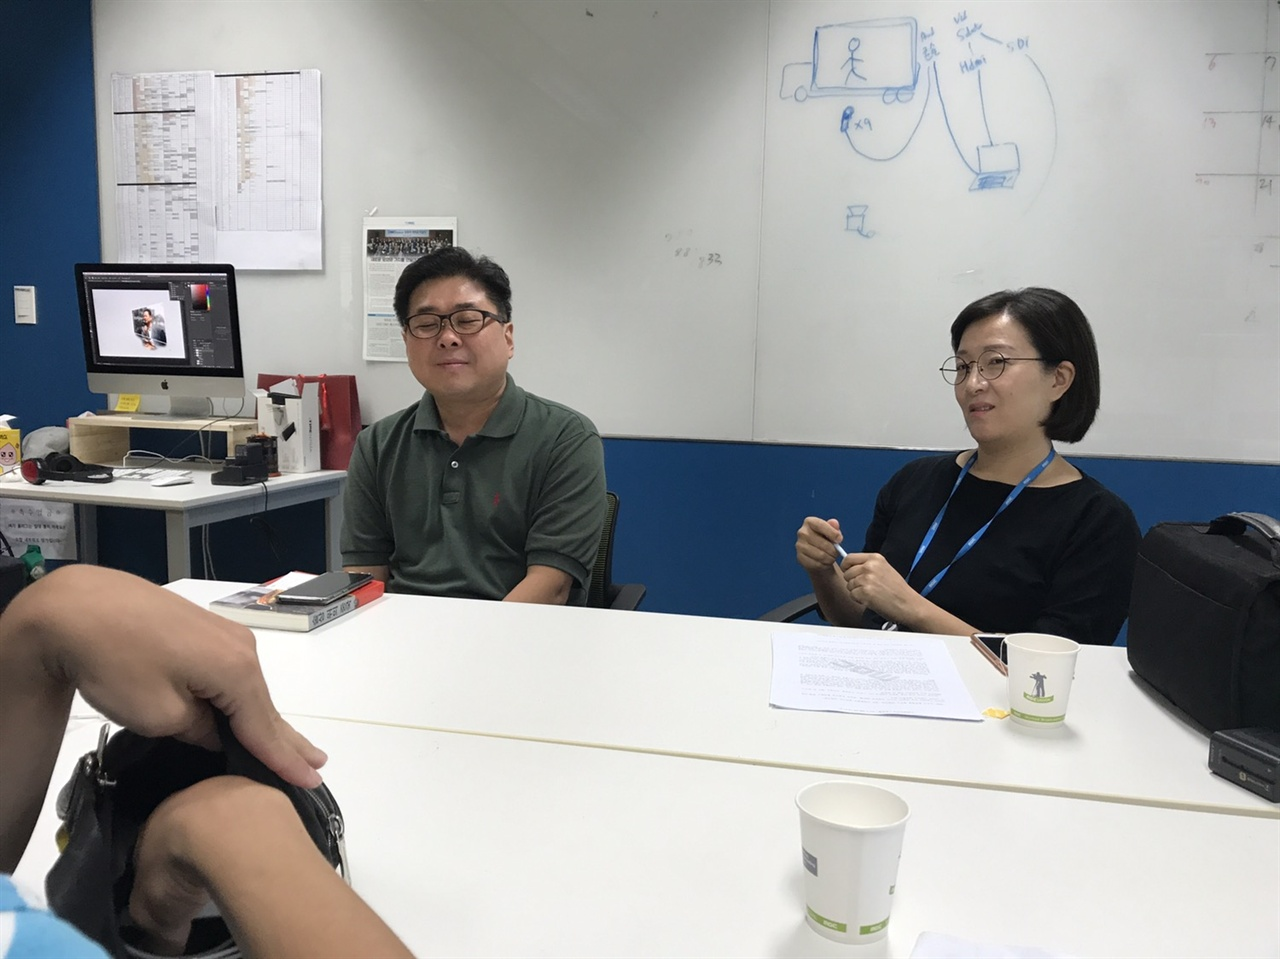 이춘근(좌), 김보슬(우) MBC PD가 <오마이뉴스>와 인터뷰를 하고 있다.